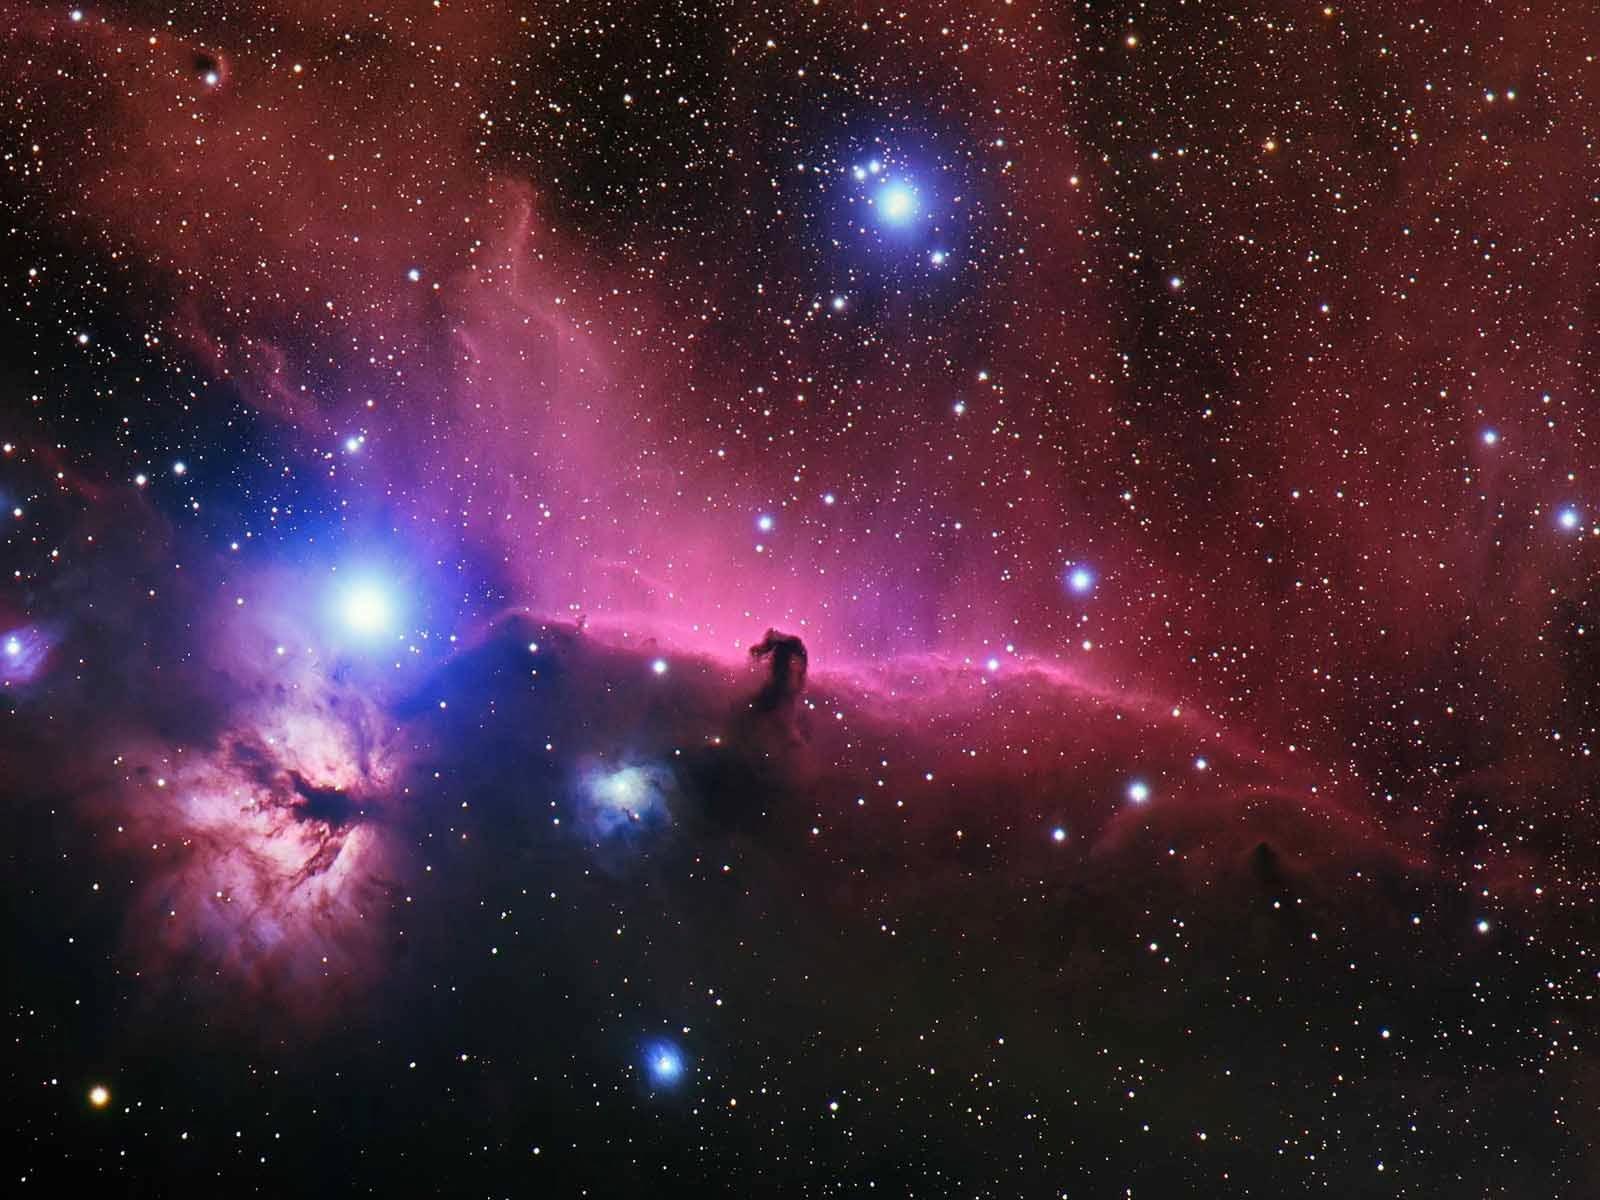 Nebula Wallpaper HD (page 3) - Pics about space